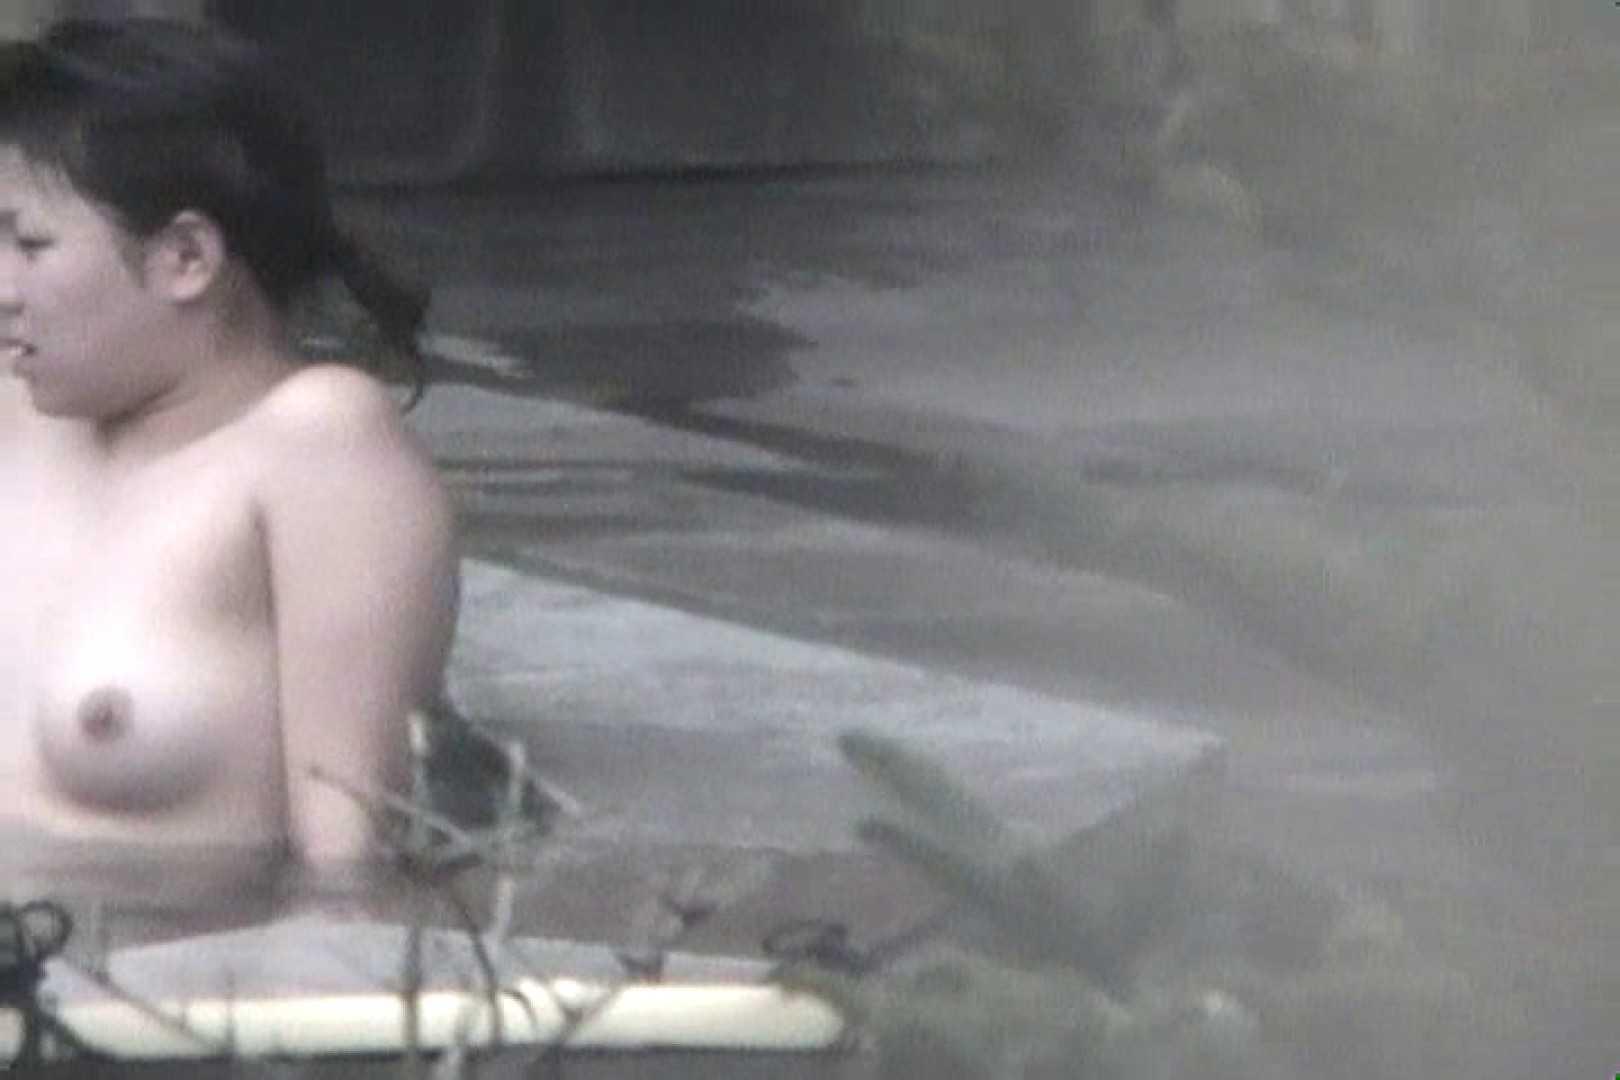 Aquaな露天風呂Vol.555 盗撮  100画像 9